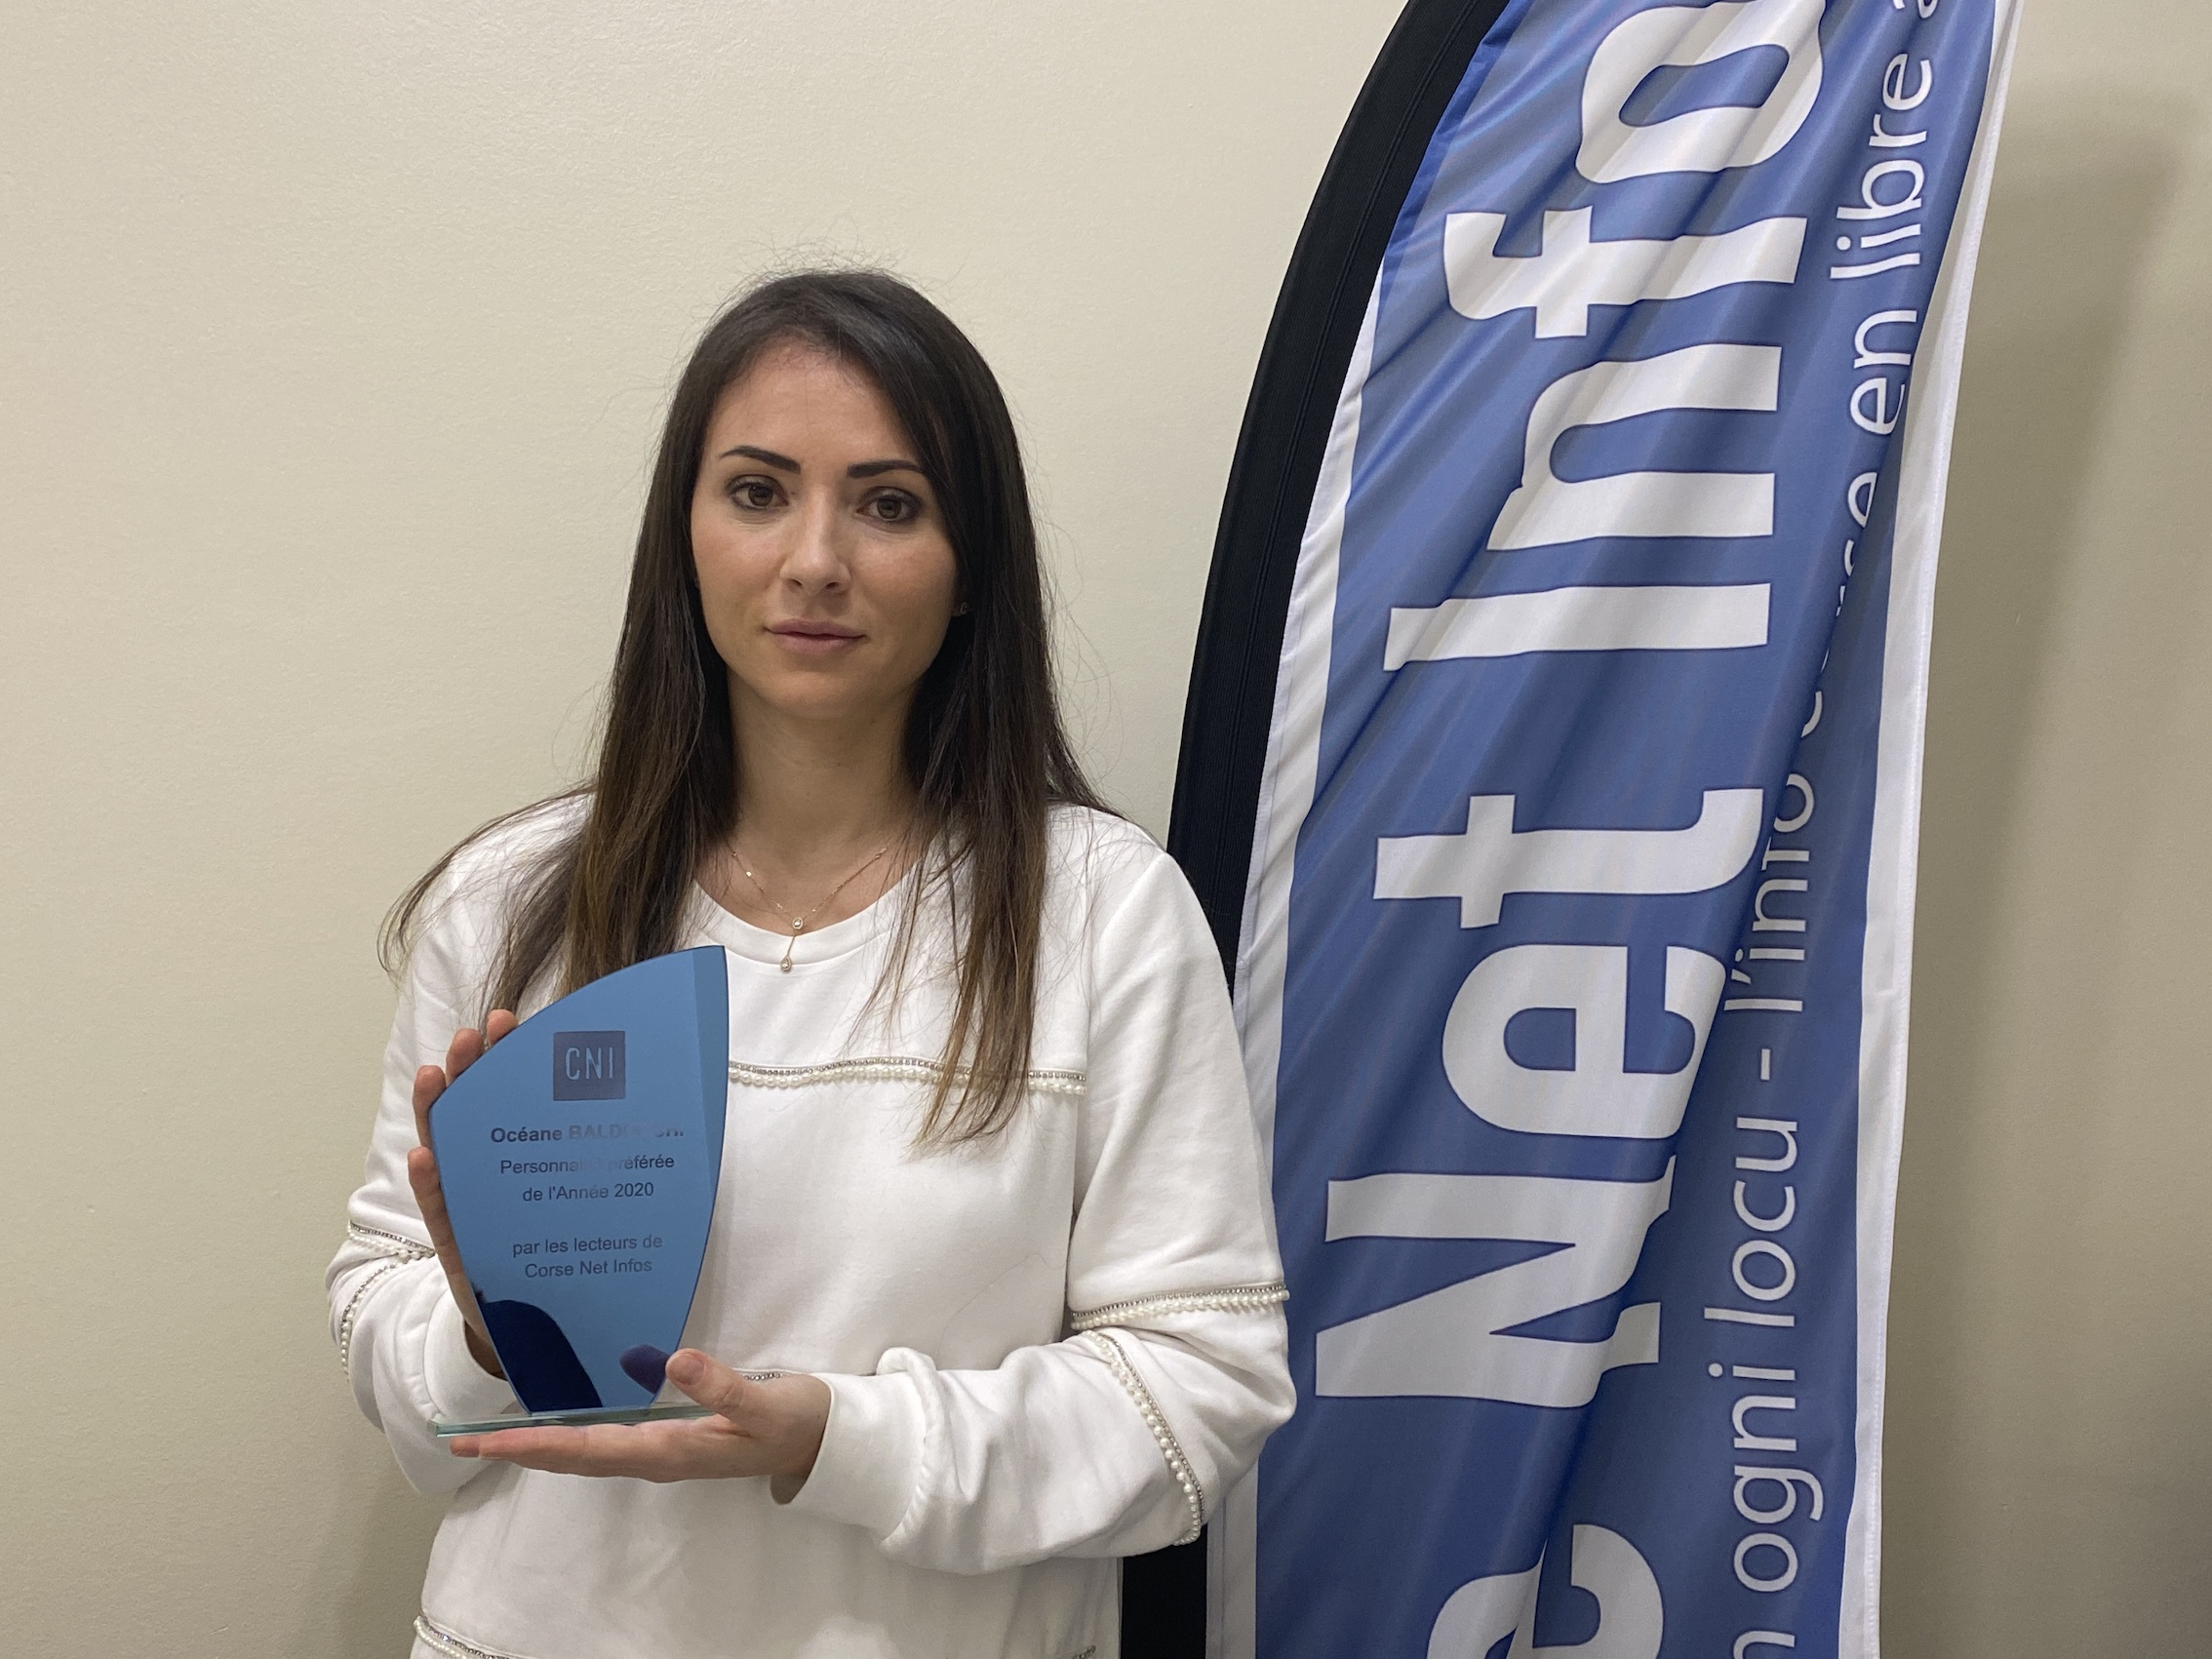 Océane Baldocchi, reçoit le prix des lecteurs de CNI